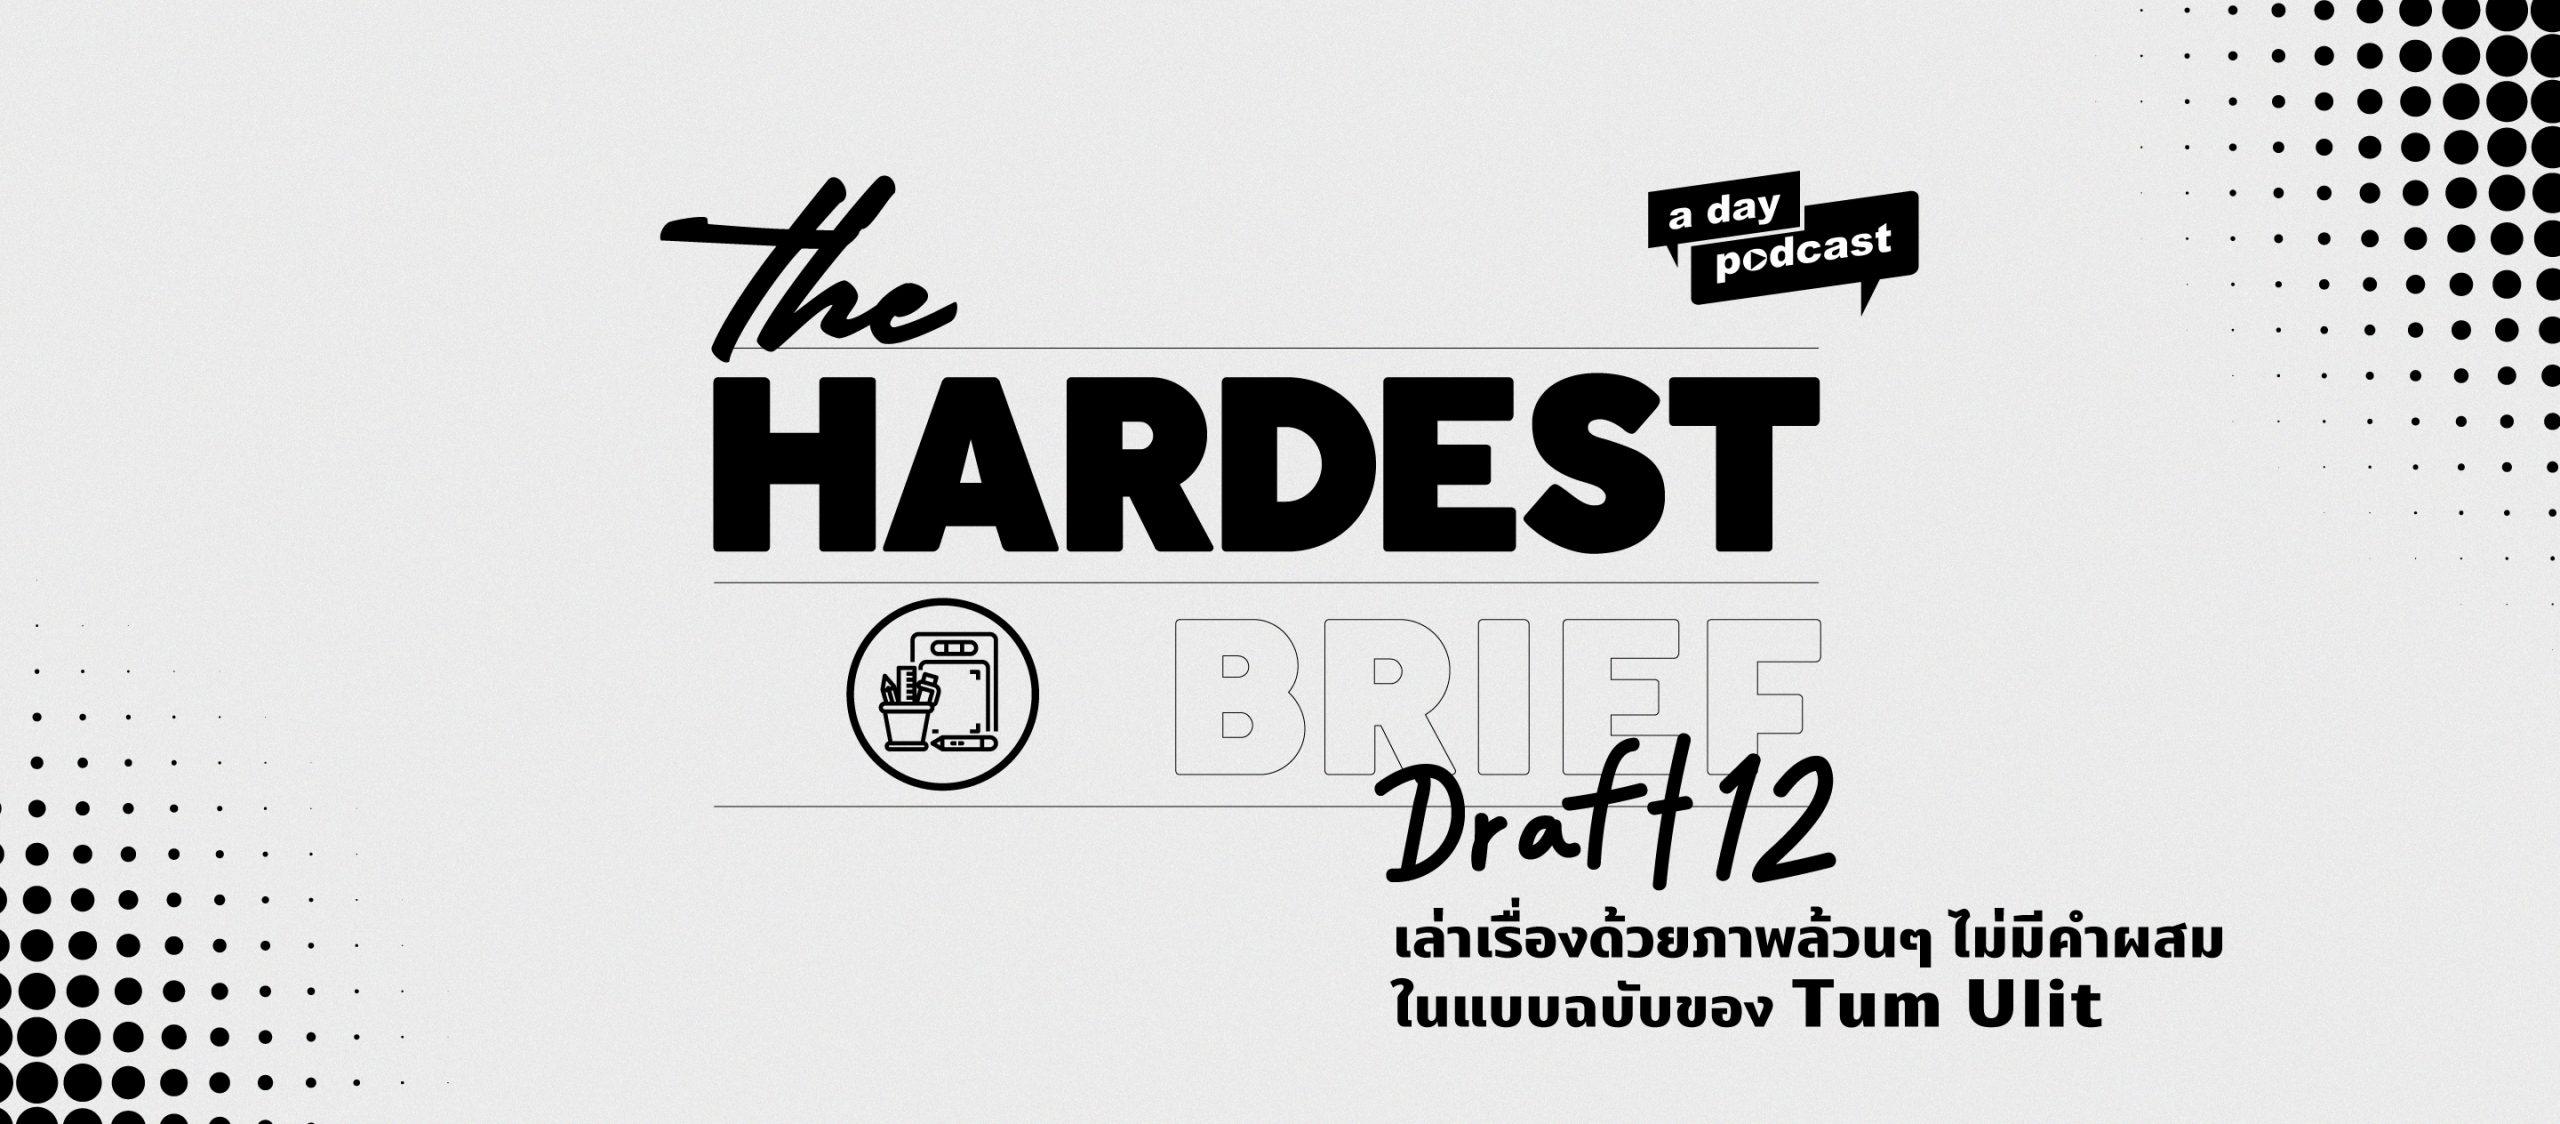 The Hardest Brief EP.12 เล่าเรื่องด้วยภาพล้วนๆ ไม่มีคำผสมในแบบฉบับของ Tum Ulit